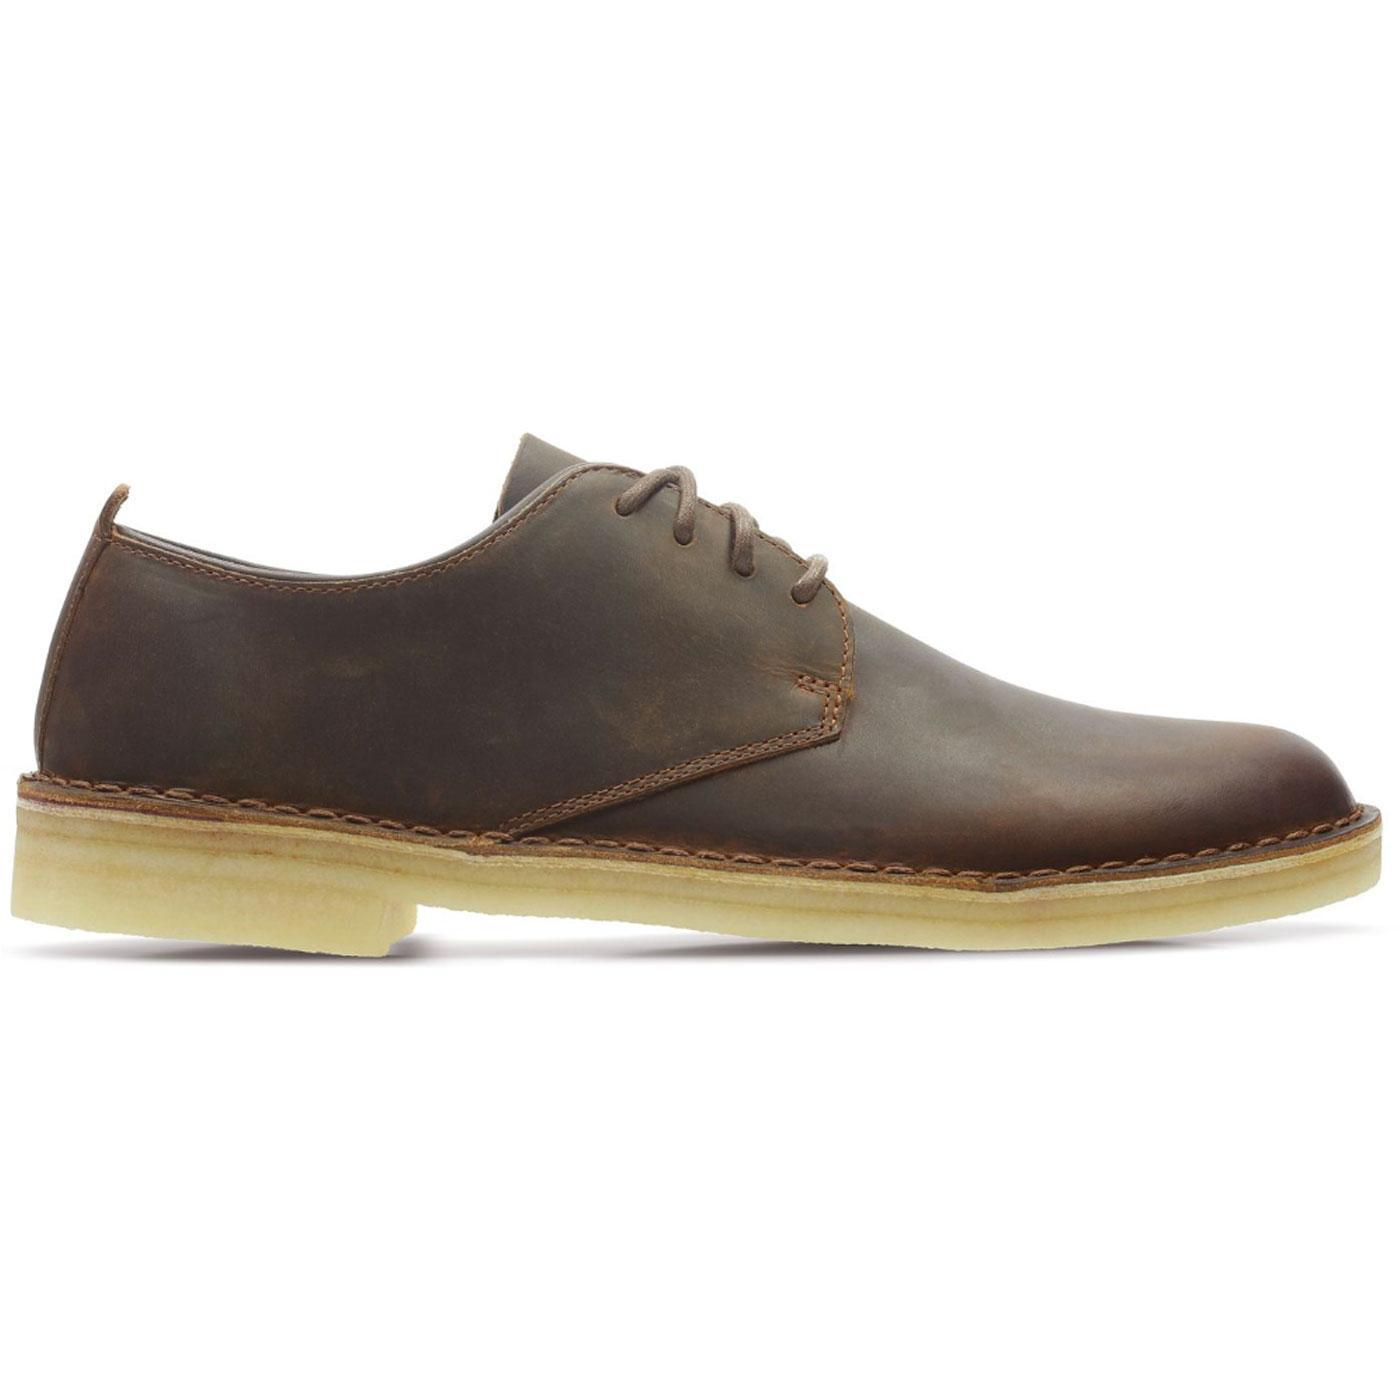 Desert London CLARKS ORIGINALS Mod Shoes Beeswax